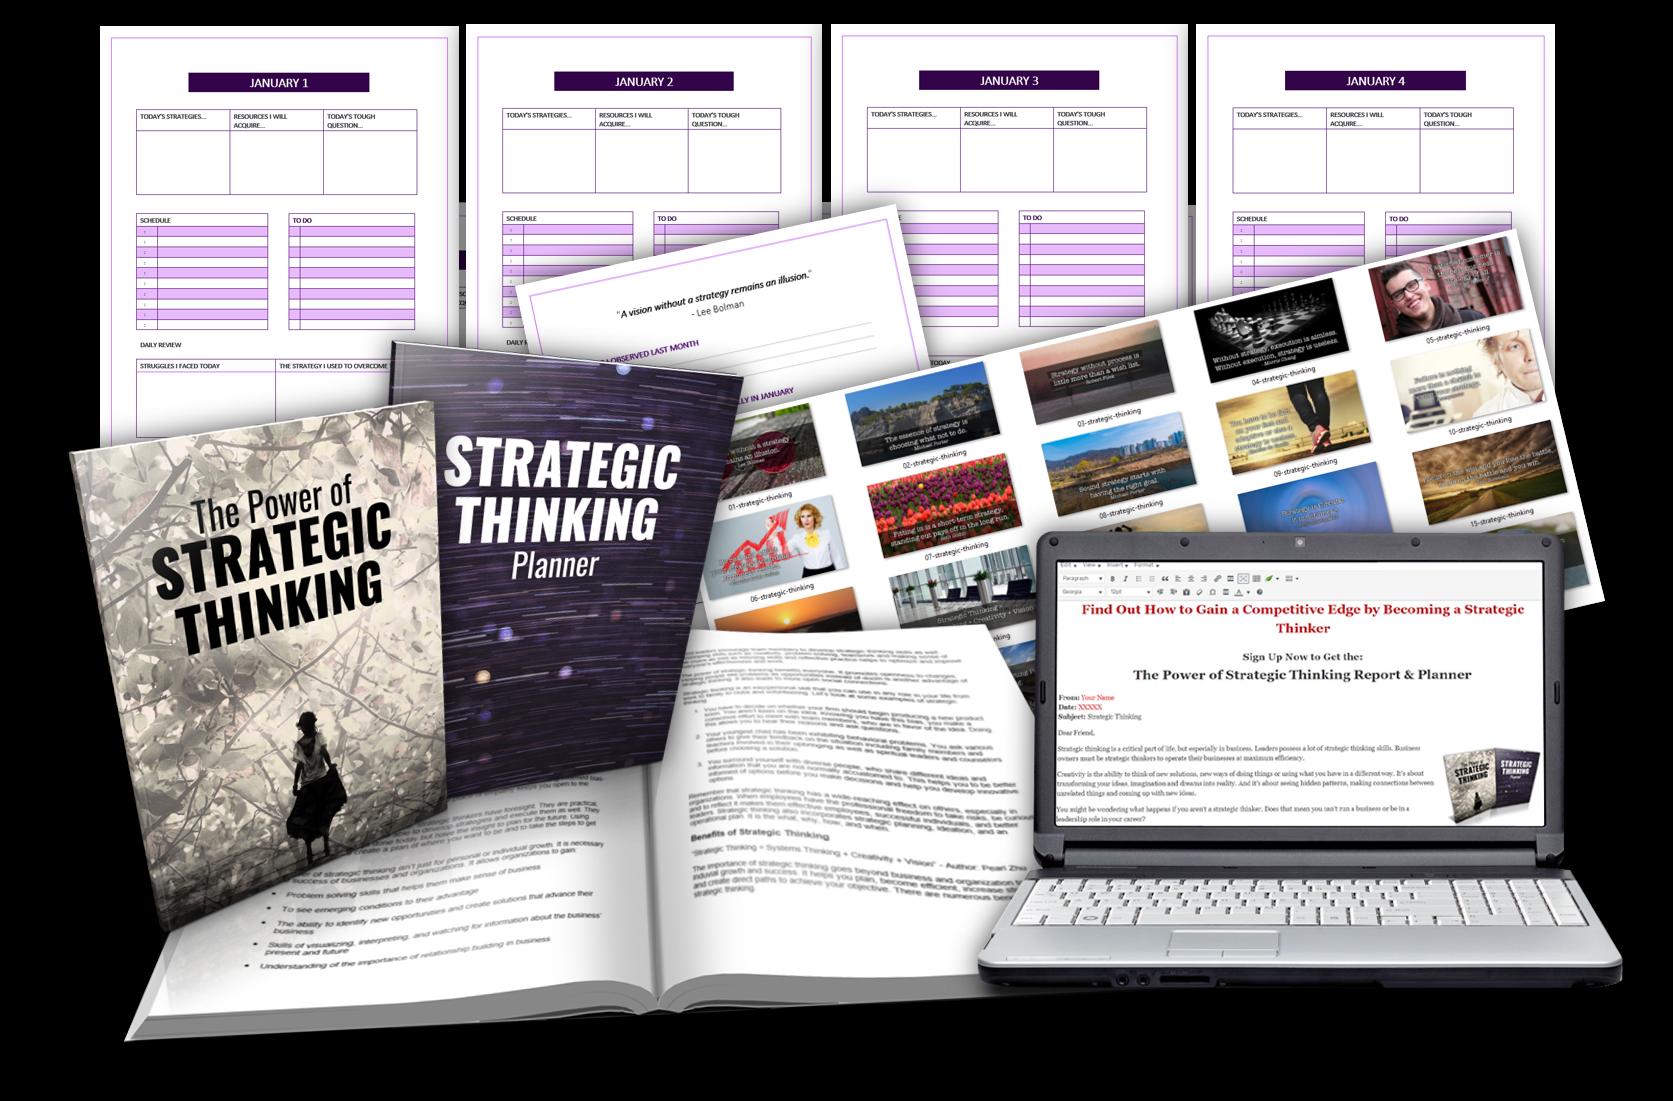 Strategic Thinking Final Image